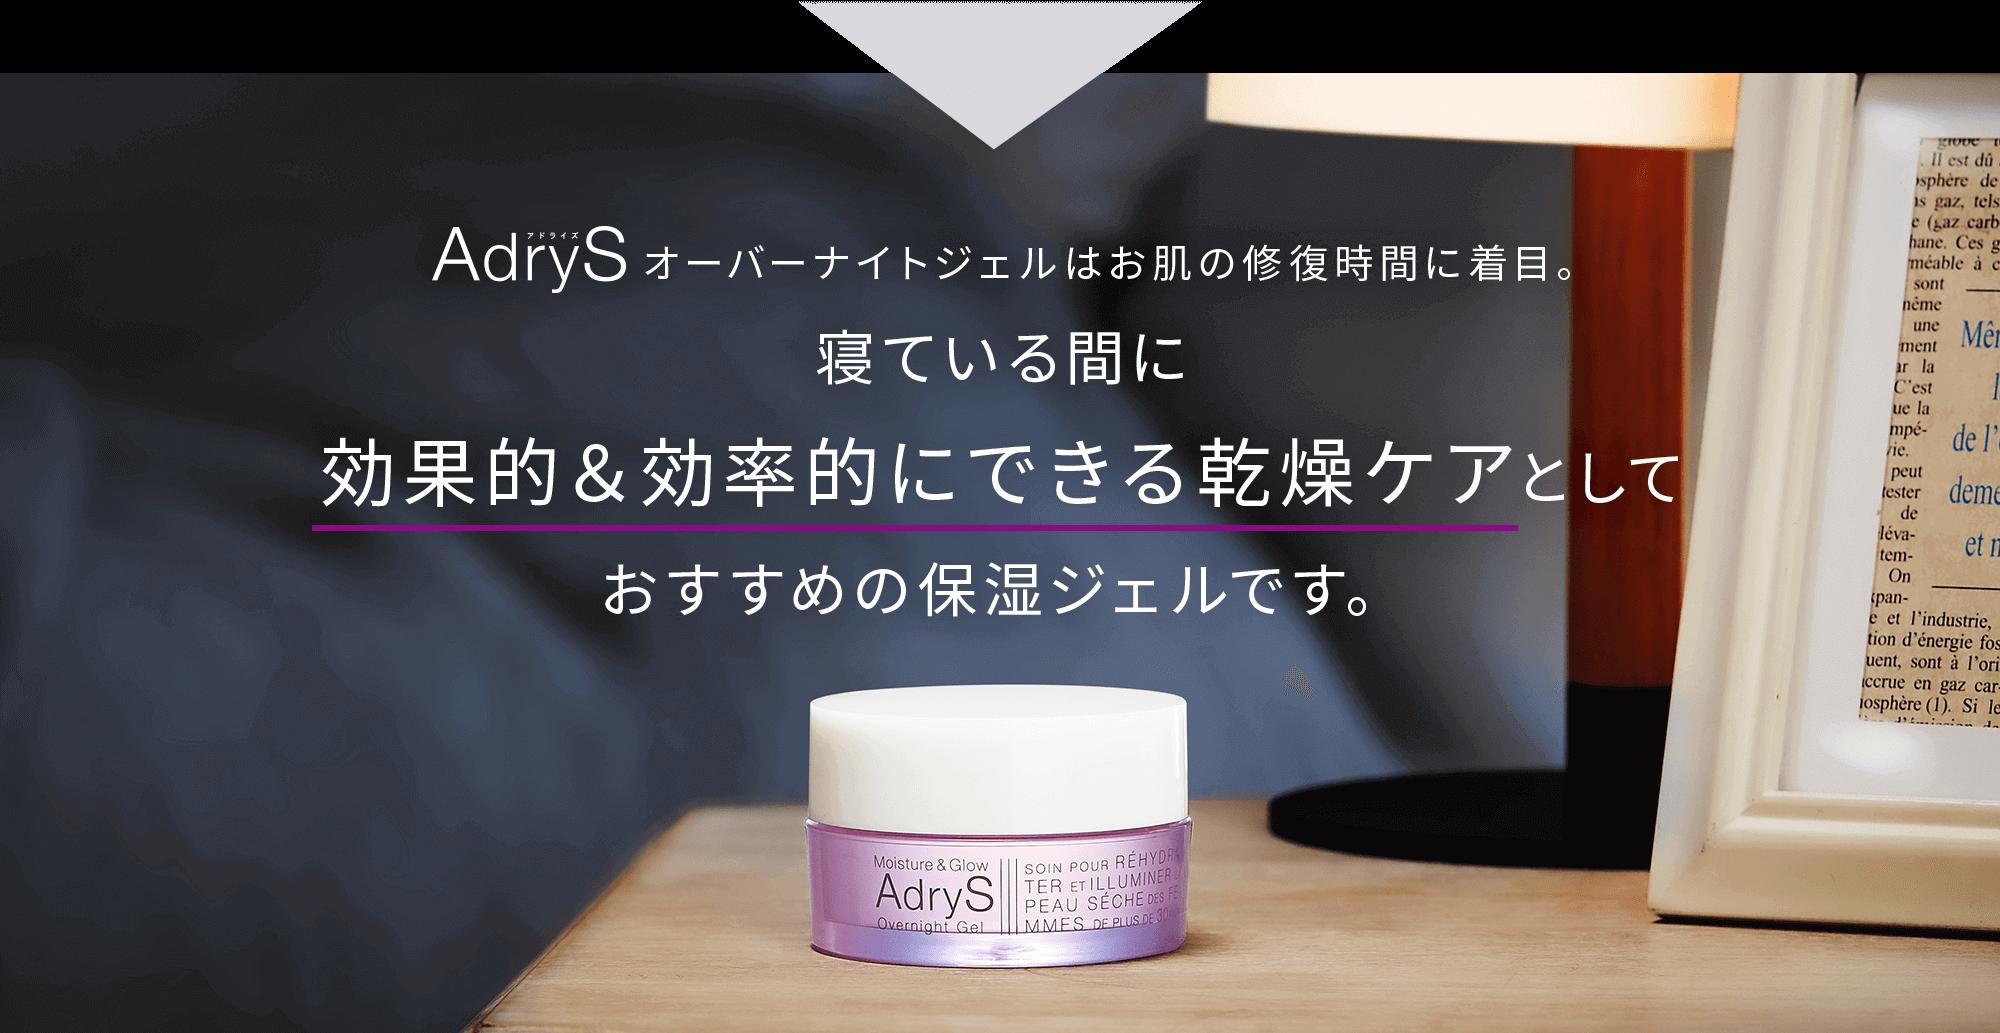 アドライズ オーバーナイトジェルは、お肌の修復時間に着目。寝ている間に効果的&効率的にできる乾燥ケアとしておすすめの保湿ジェルです。